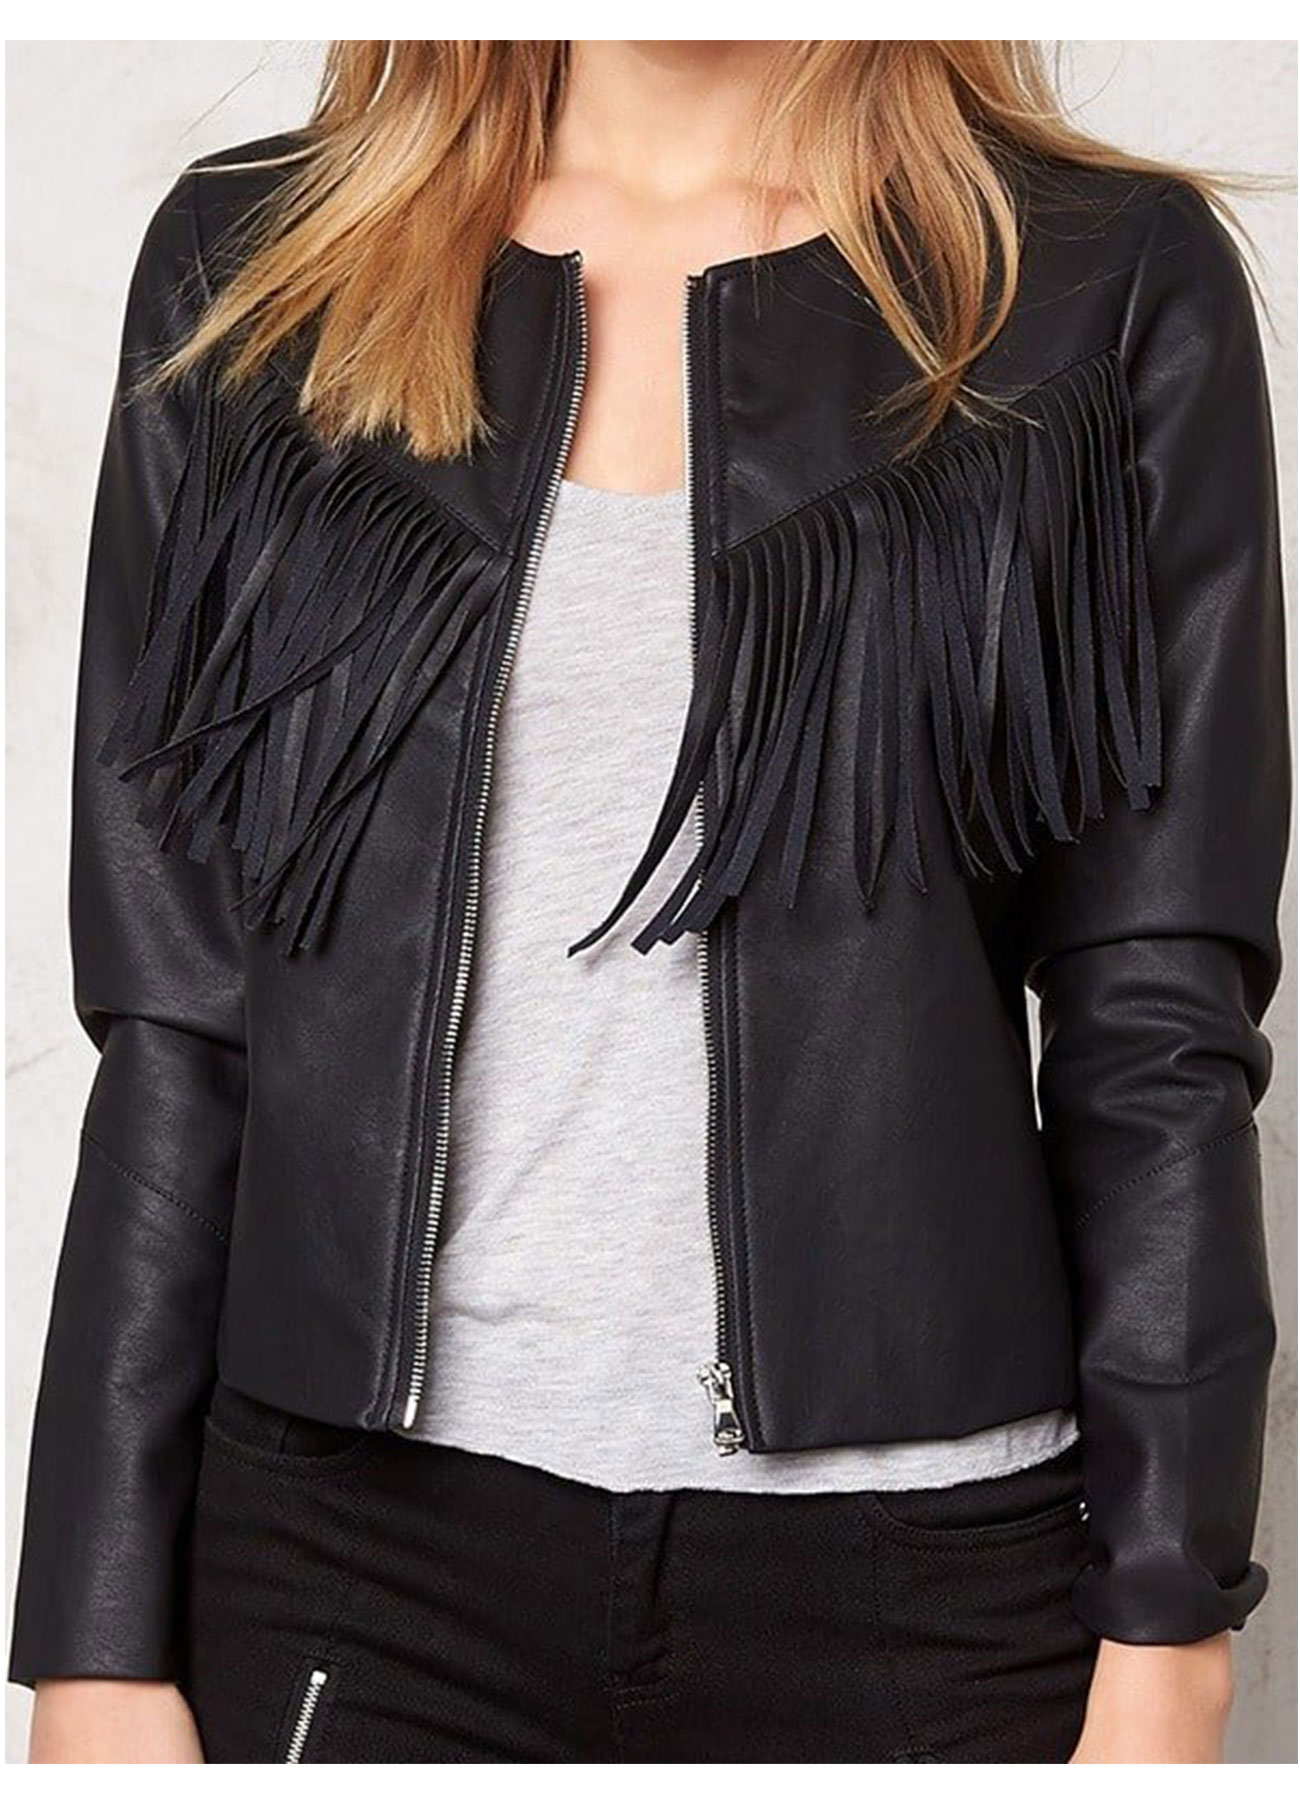 Western Style Fashion Jacket Genuine Leather Black with Fringe